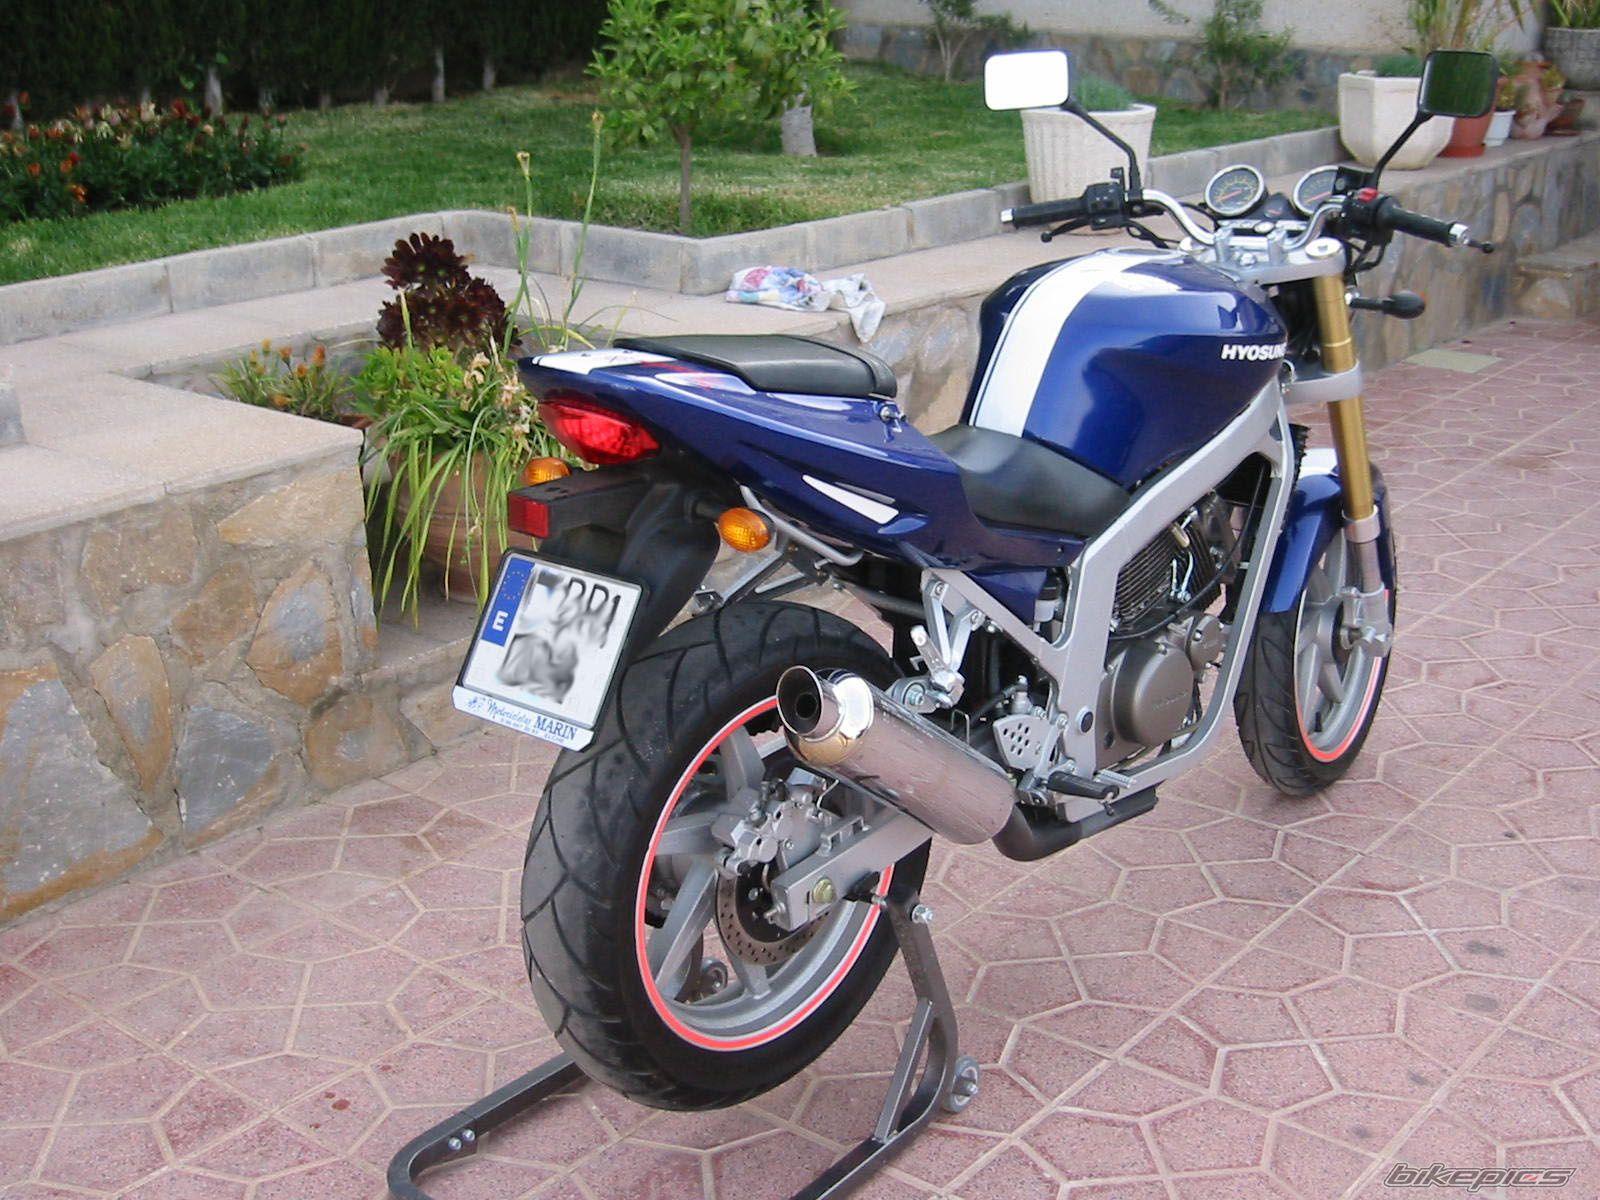 2007 Hyosung GT 250 Naked / GT 250 Comet - Moto.ZombDrive.COM